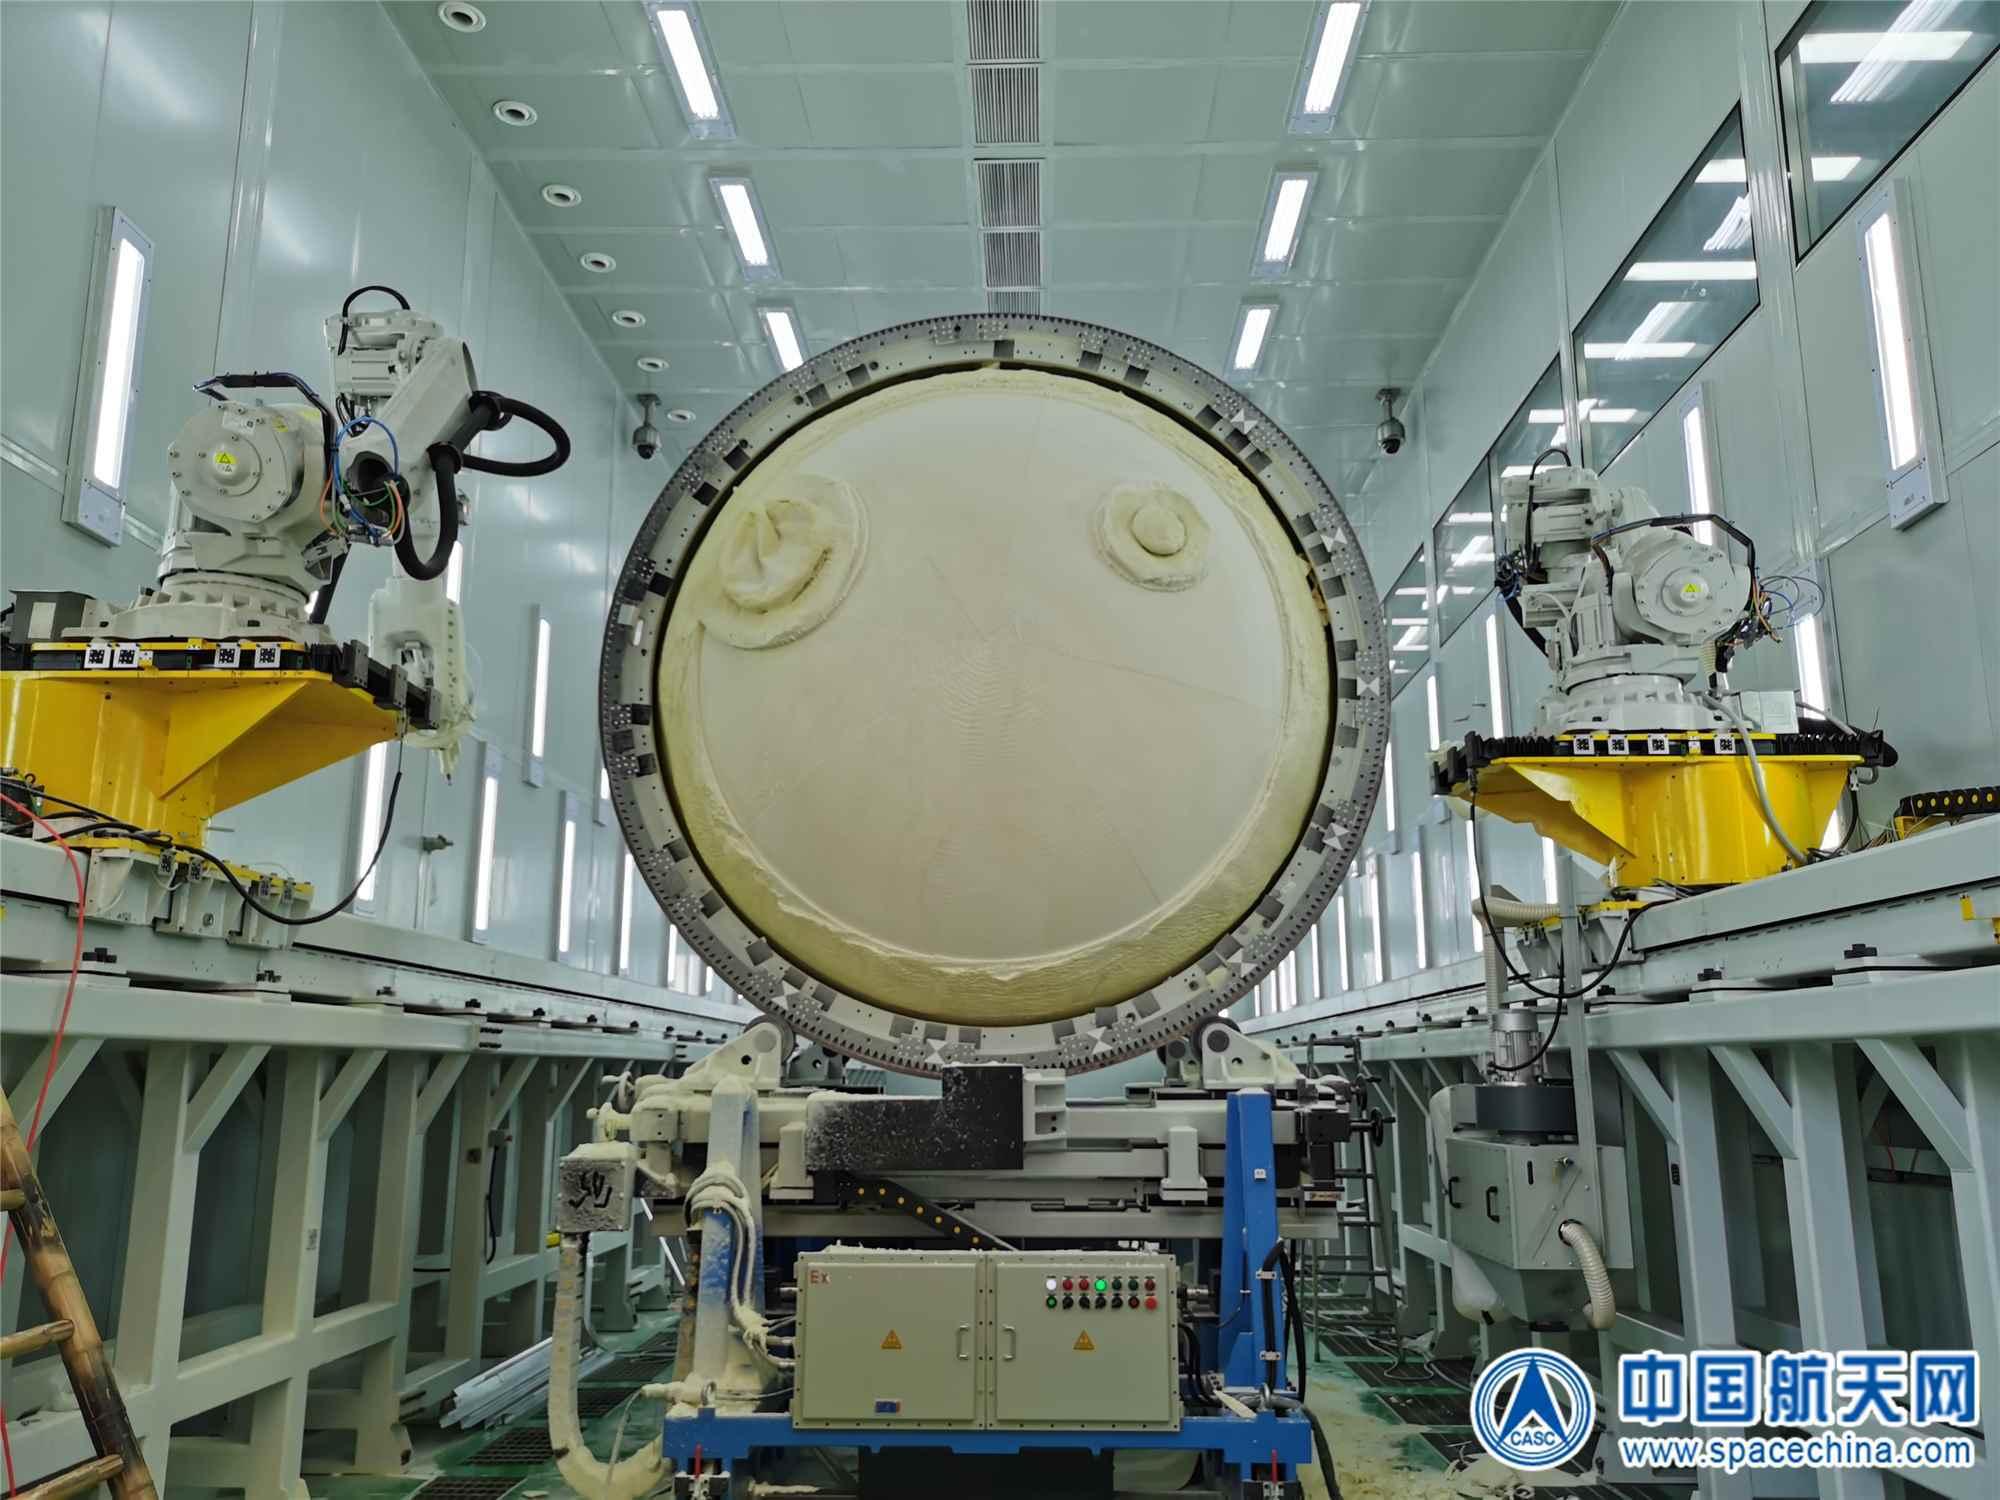 航天科技八院149工厂低温储罐保温层自动研磨技术在运载火箭上的成功应用